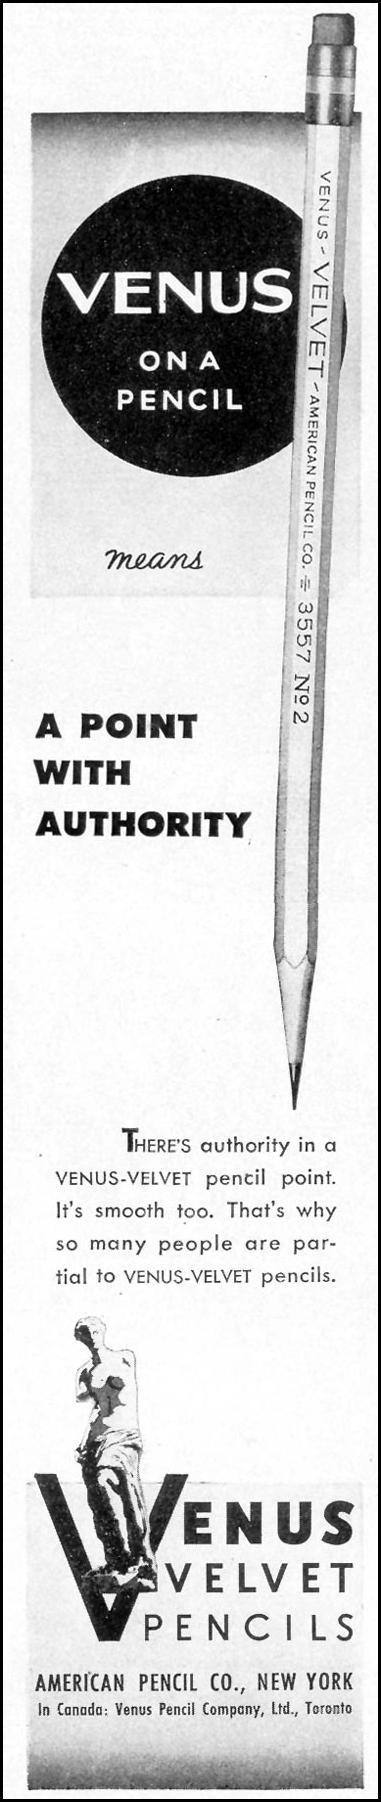 VENUS VELVET PENCILS LIFE 02/21/1944 p. 115